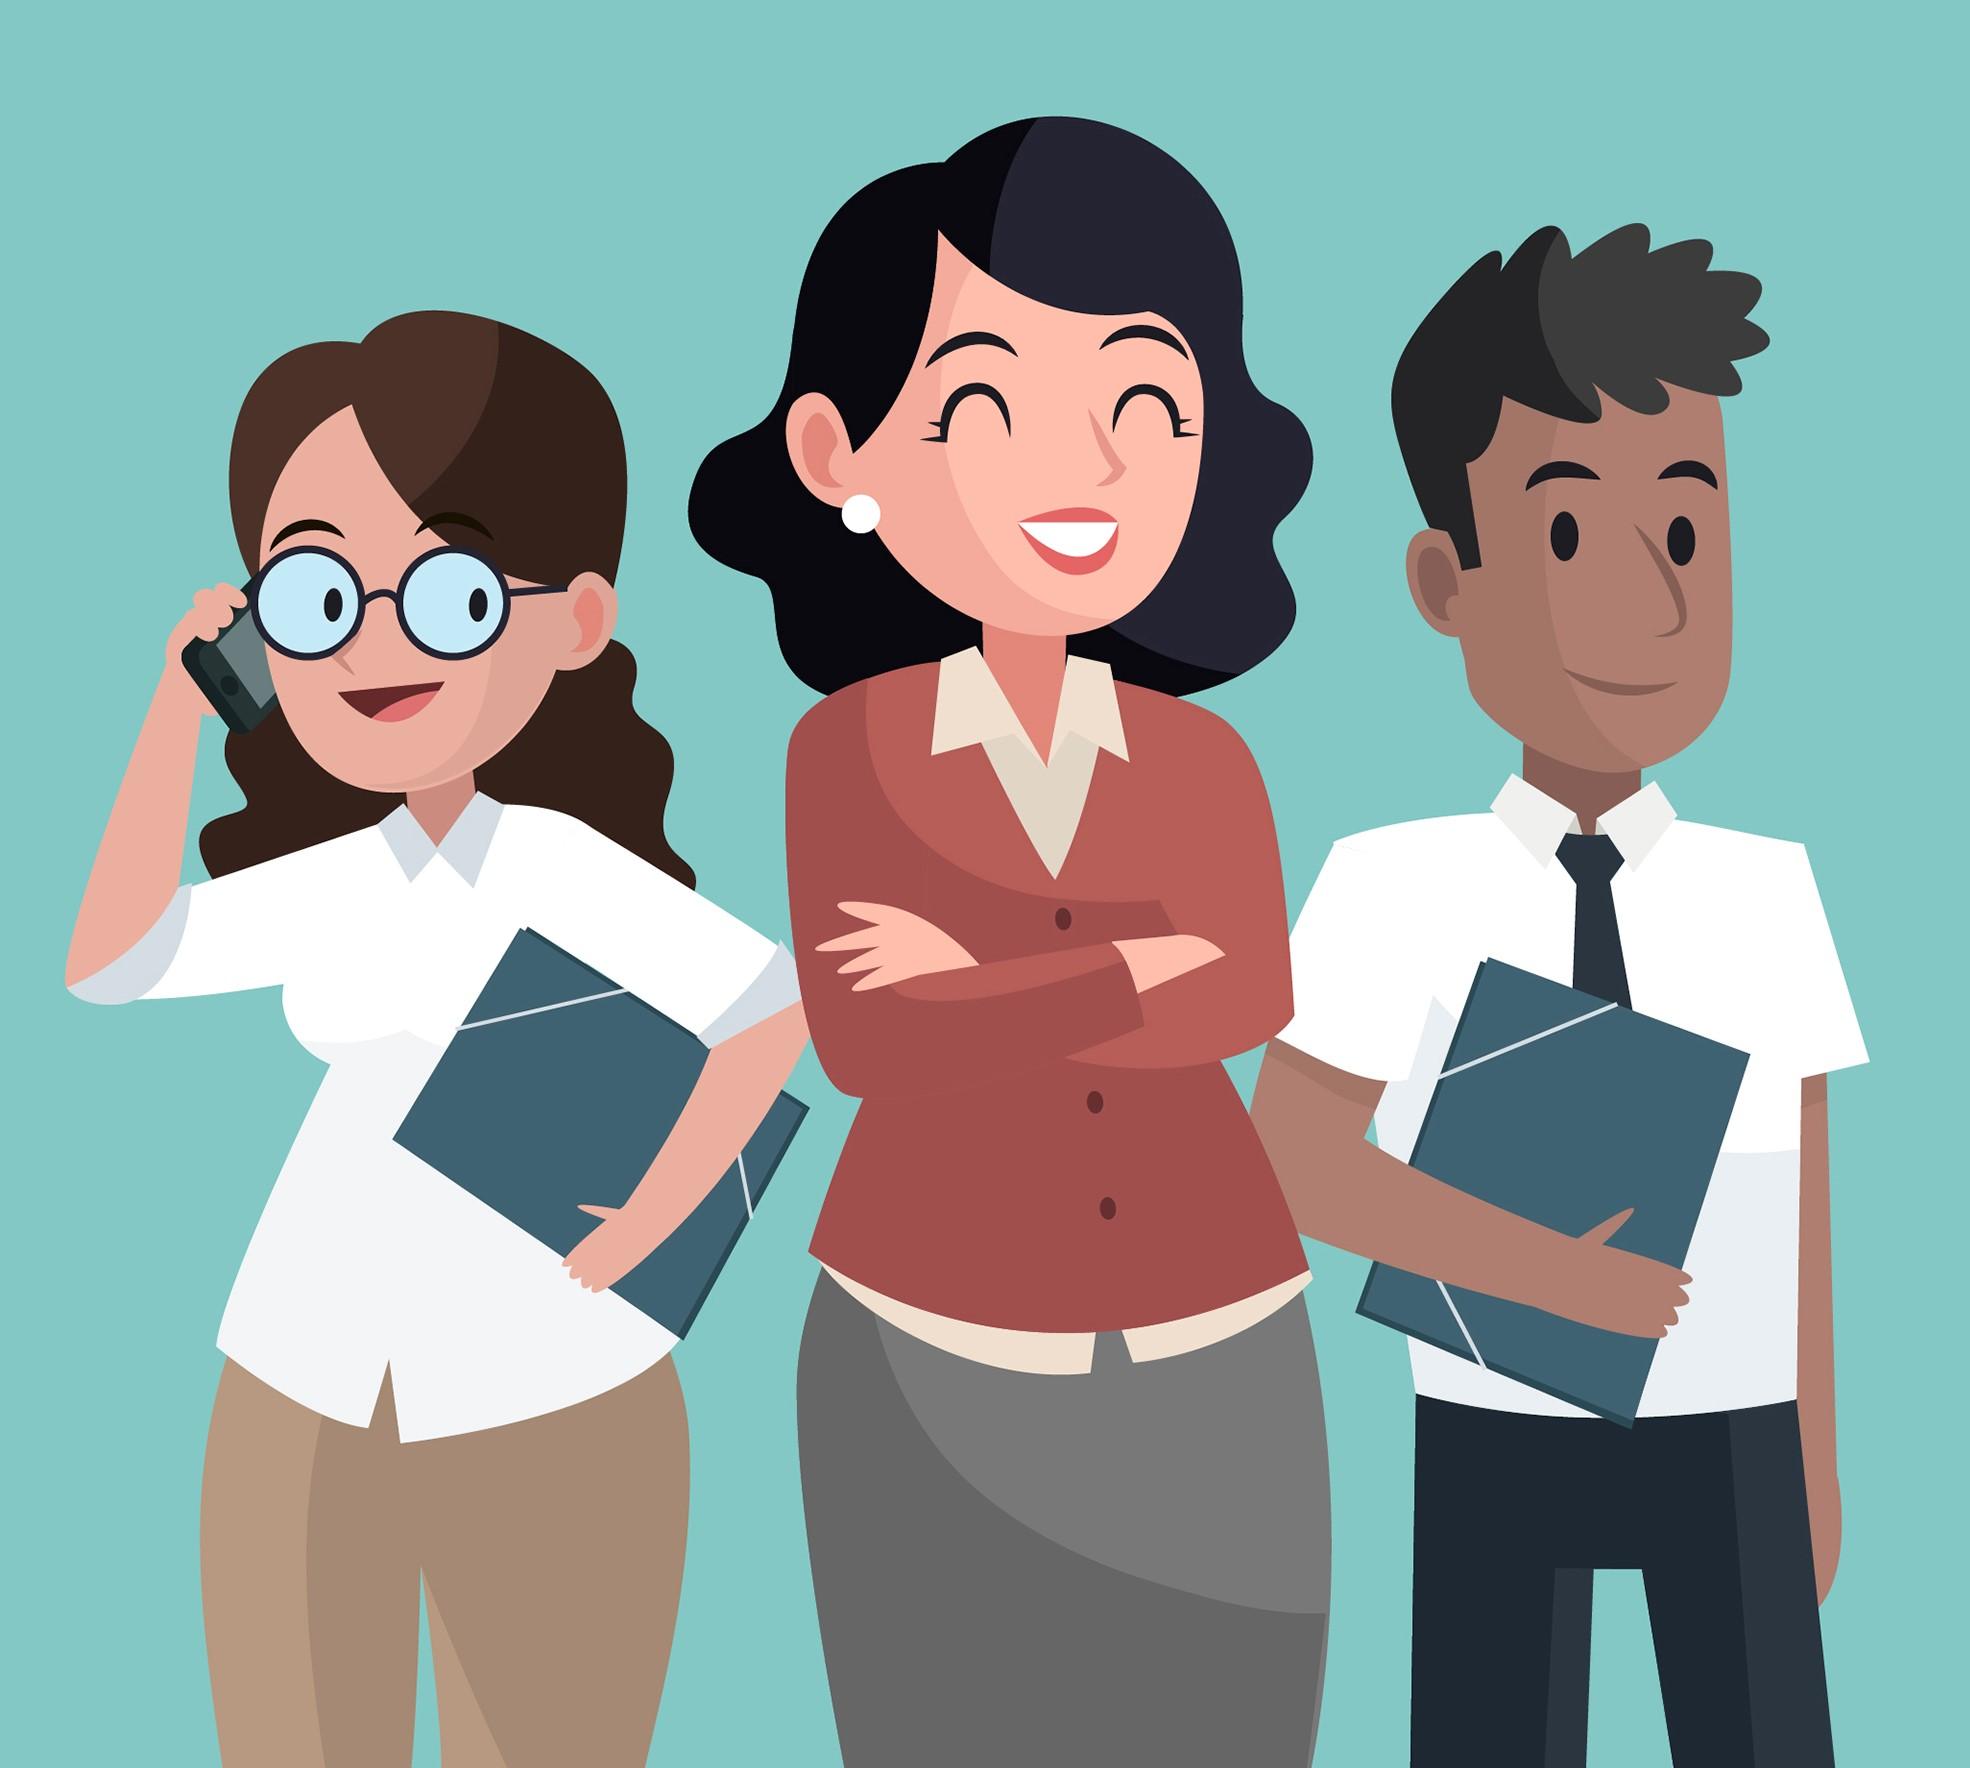 Habilidades-de-liderazgo-equipo